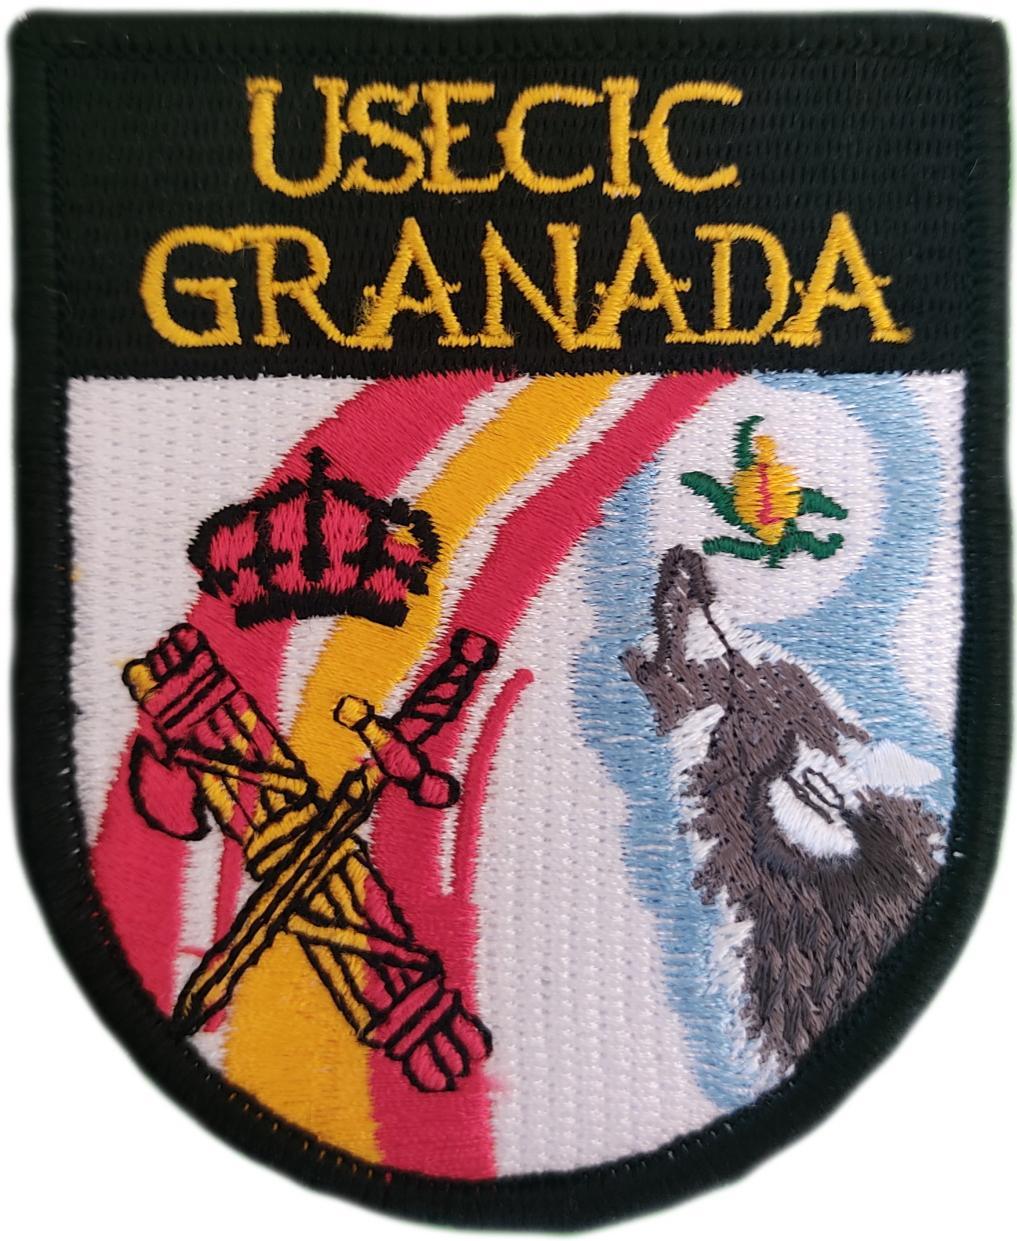 Guardia Civil Usecic Granada parche insignia emblema distintivo bordado